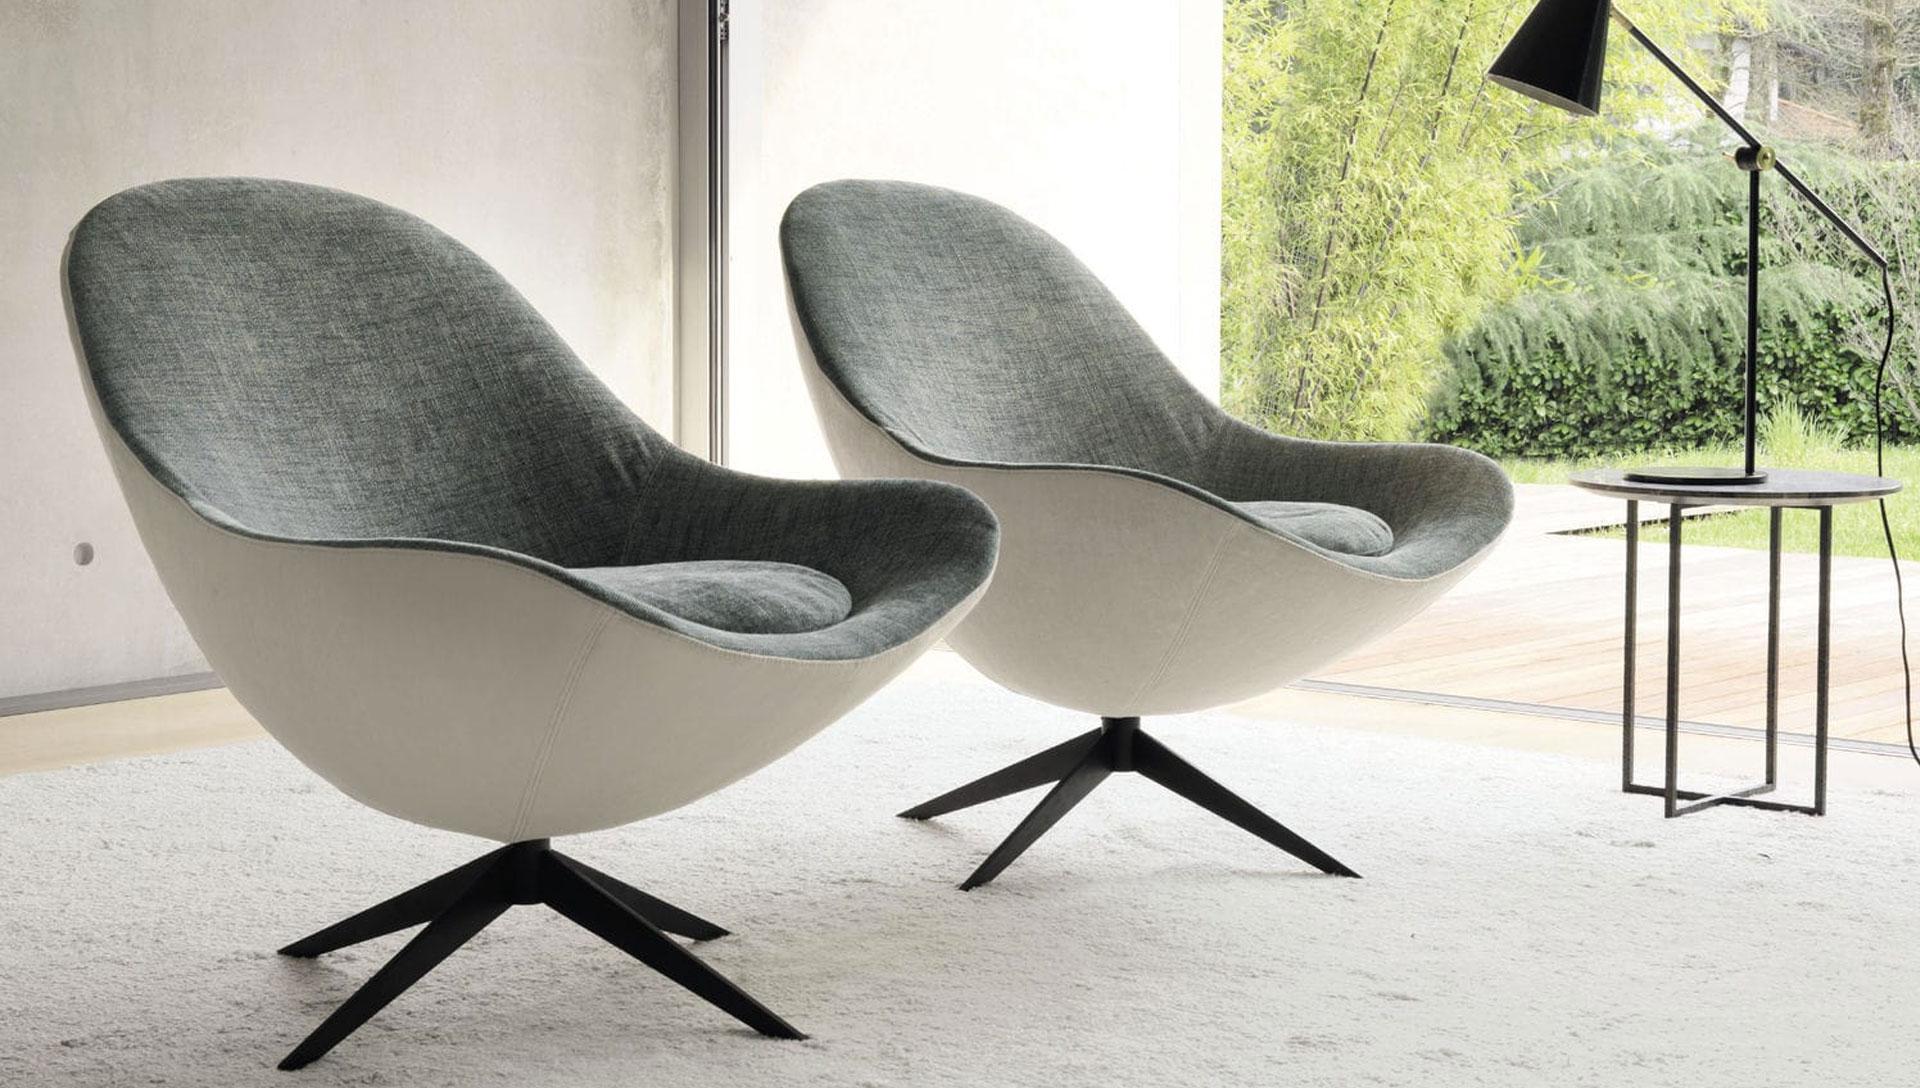 poltrone-1-arredamenti-comodus-arredamenti-nicoletti-interni-interior-design-divani-complementi-arredo-mobili-design-accessori-matera